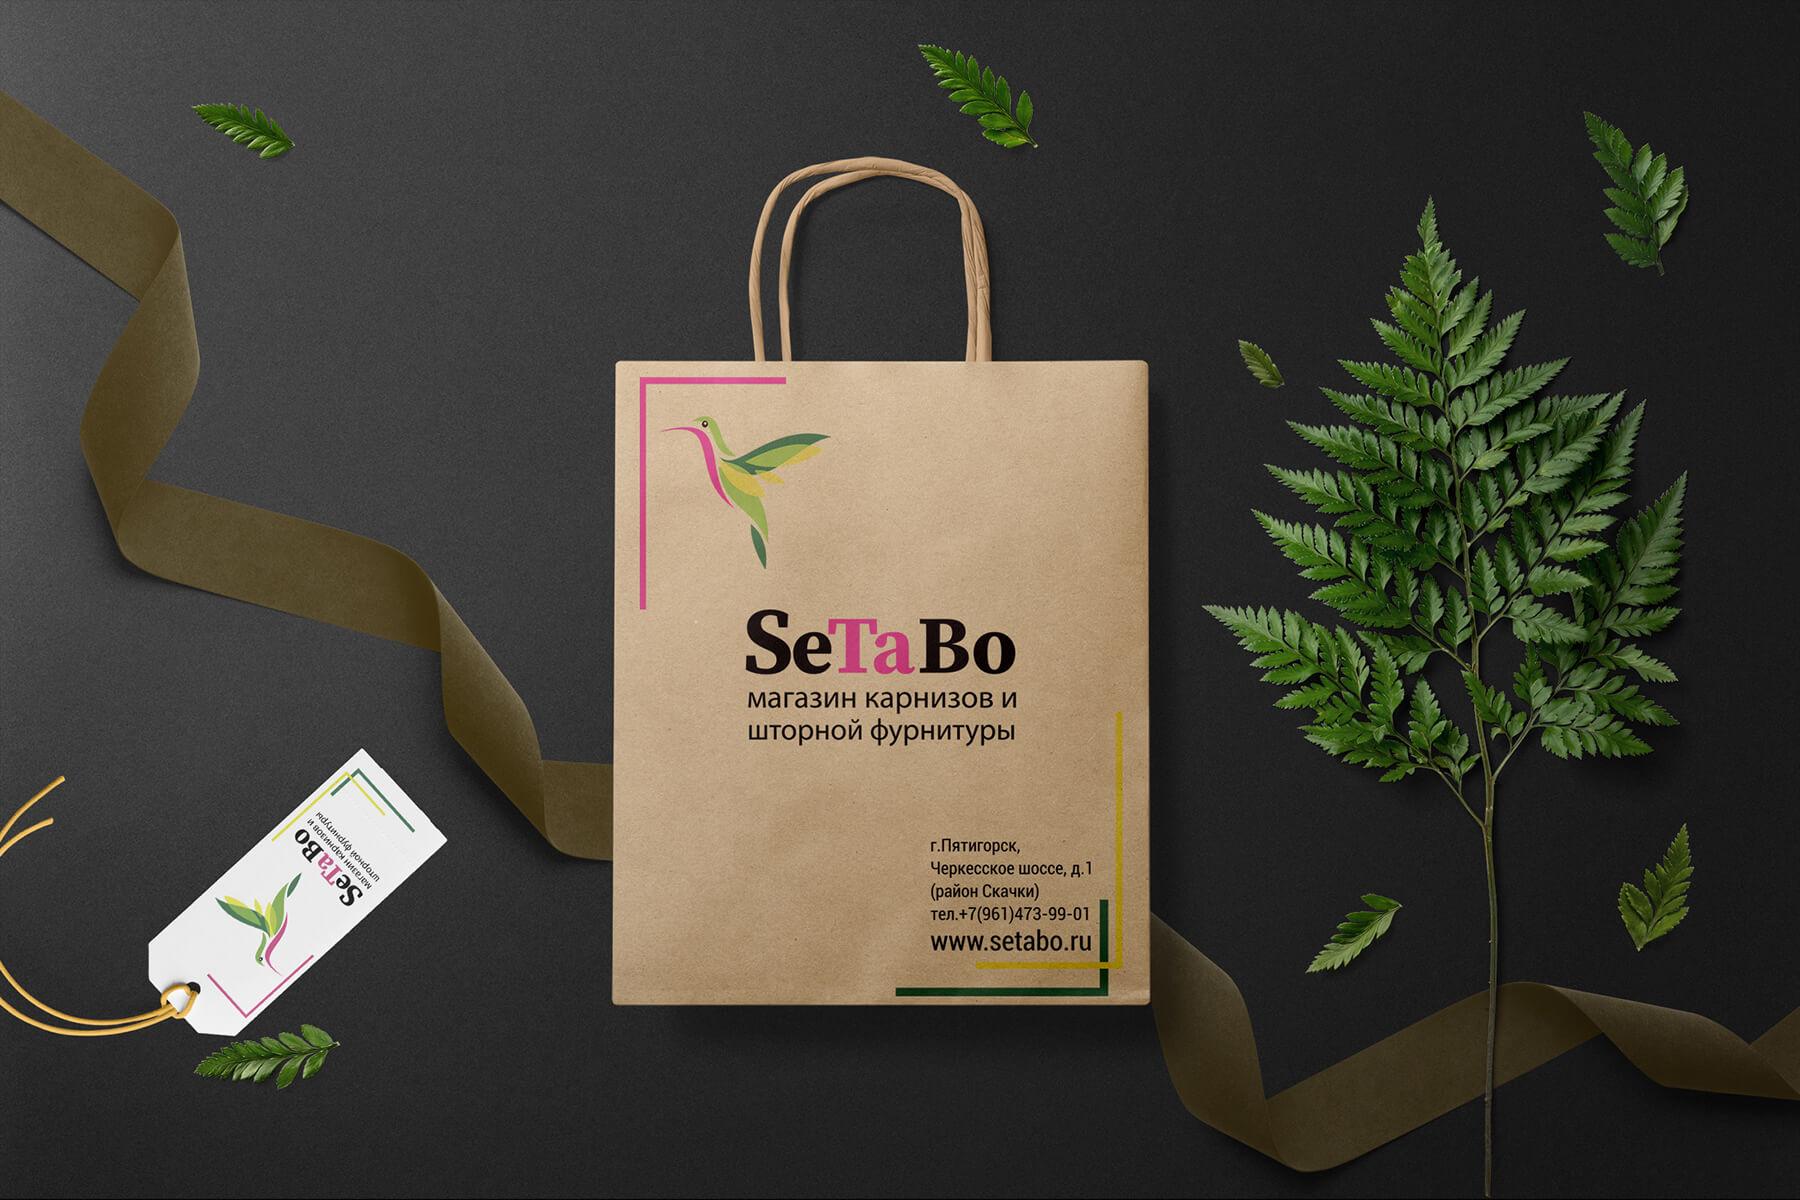 SeTaBo: логотип и фирменный стиль 6